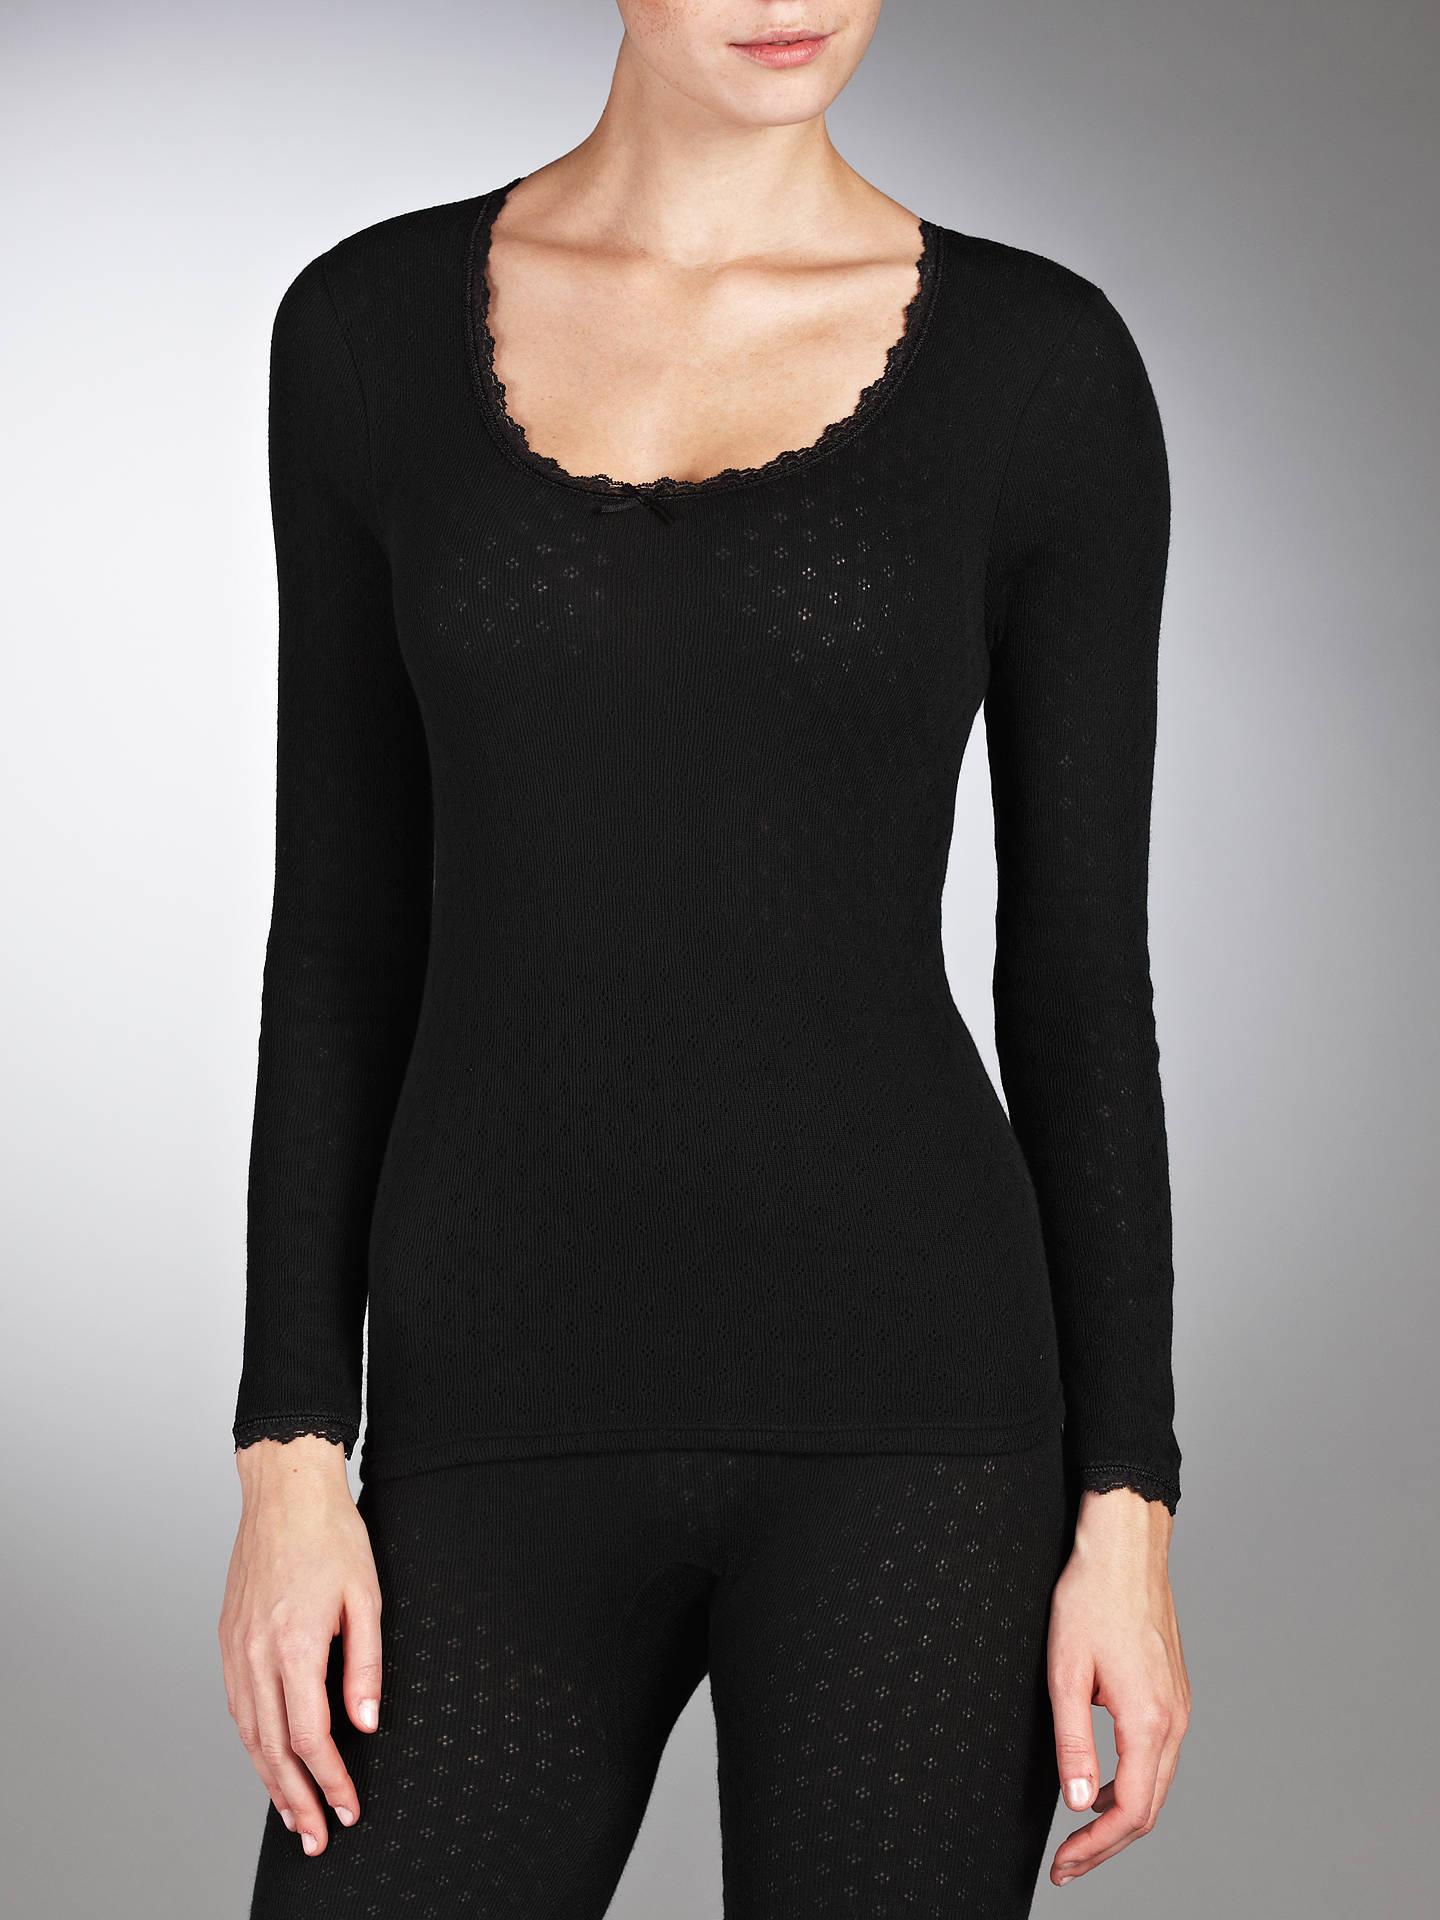 f316ad29c40460 Buy John Lewis Long Sleeve Thermal Top, Black, 8-10 Online at johnlewis ...